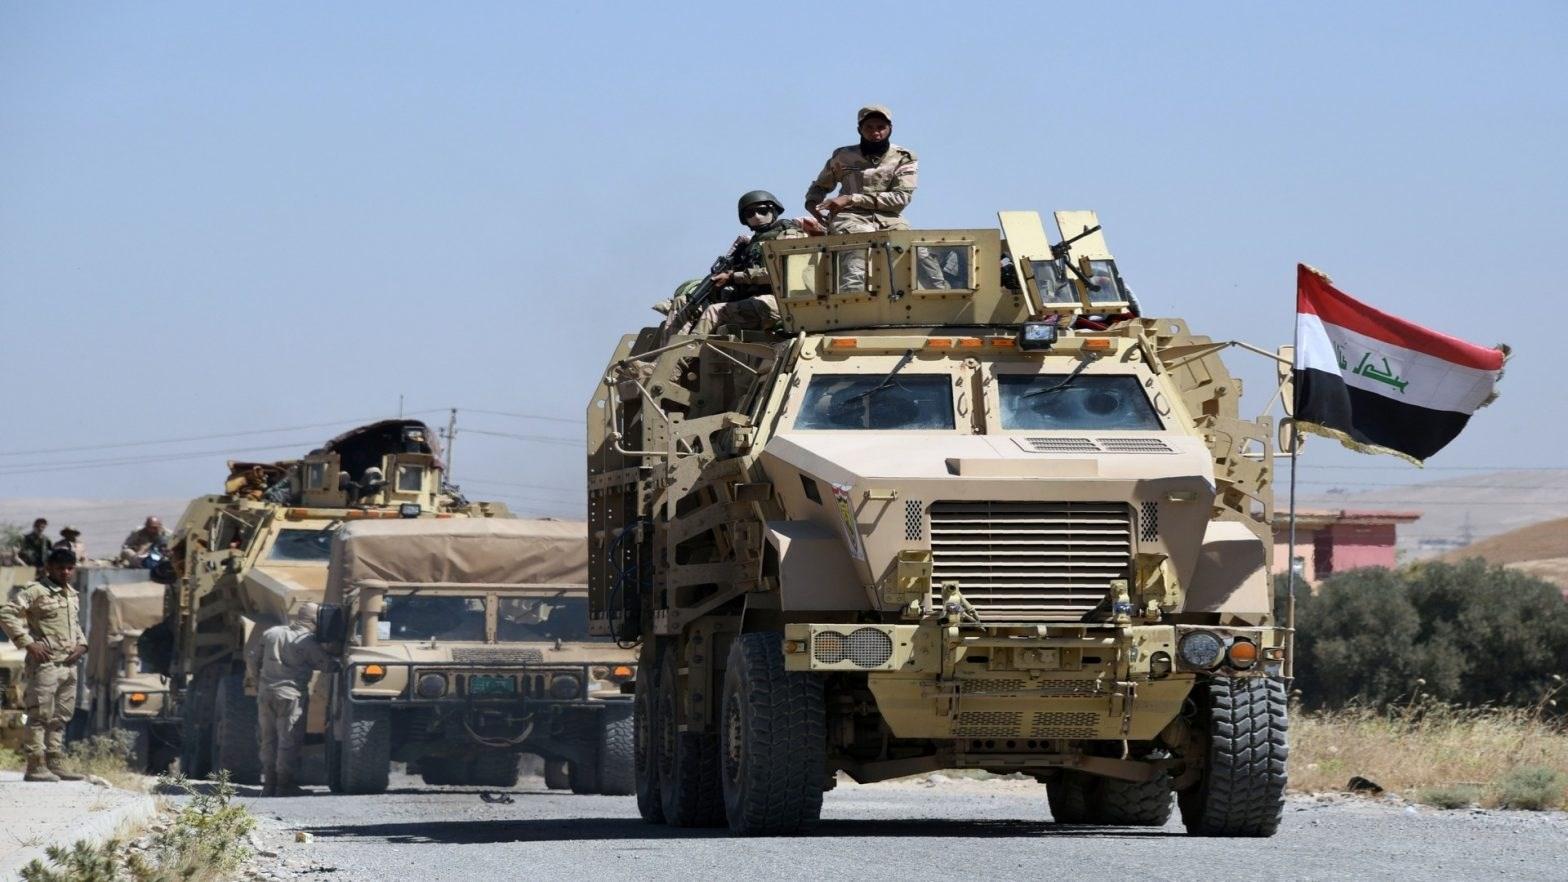 """الحشد الشعبي يحبط محاولة تسلل لـ""""داعش"""" في جبال حمرين"""